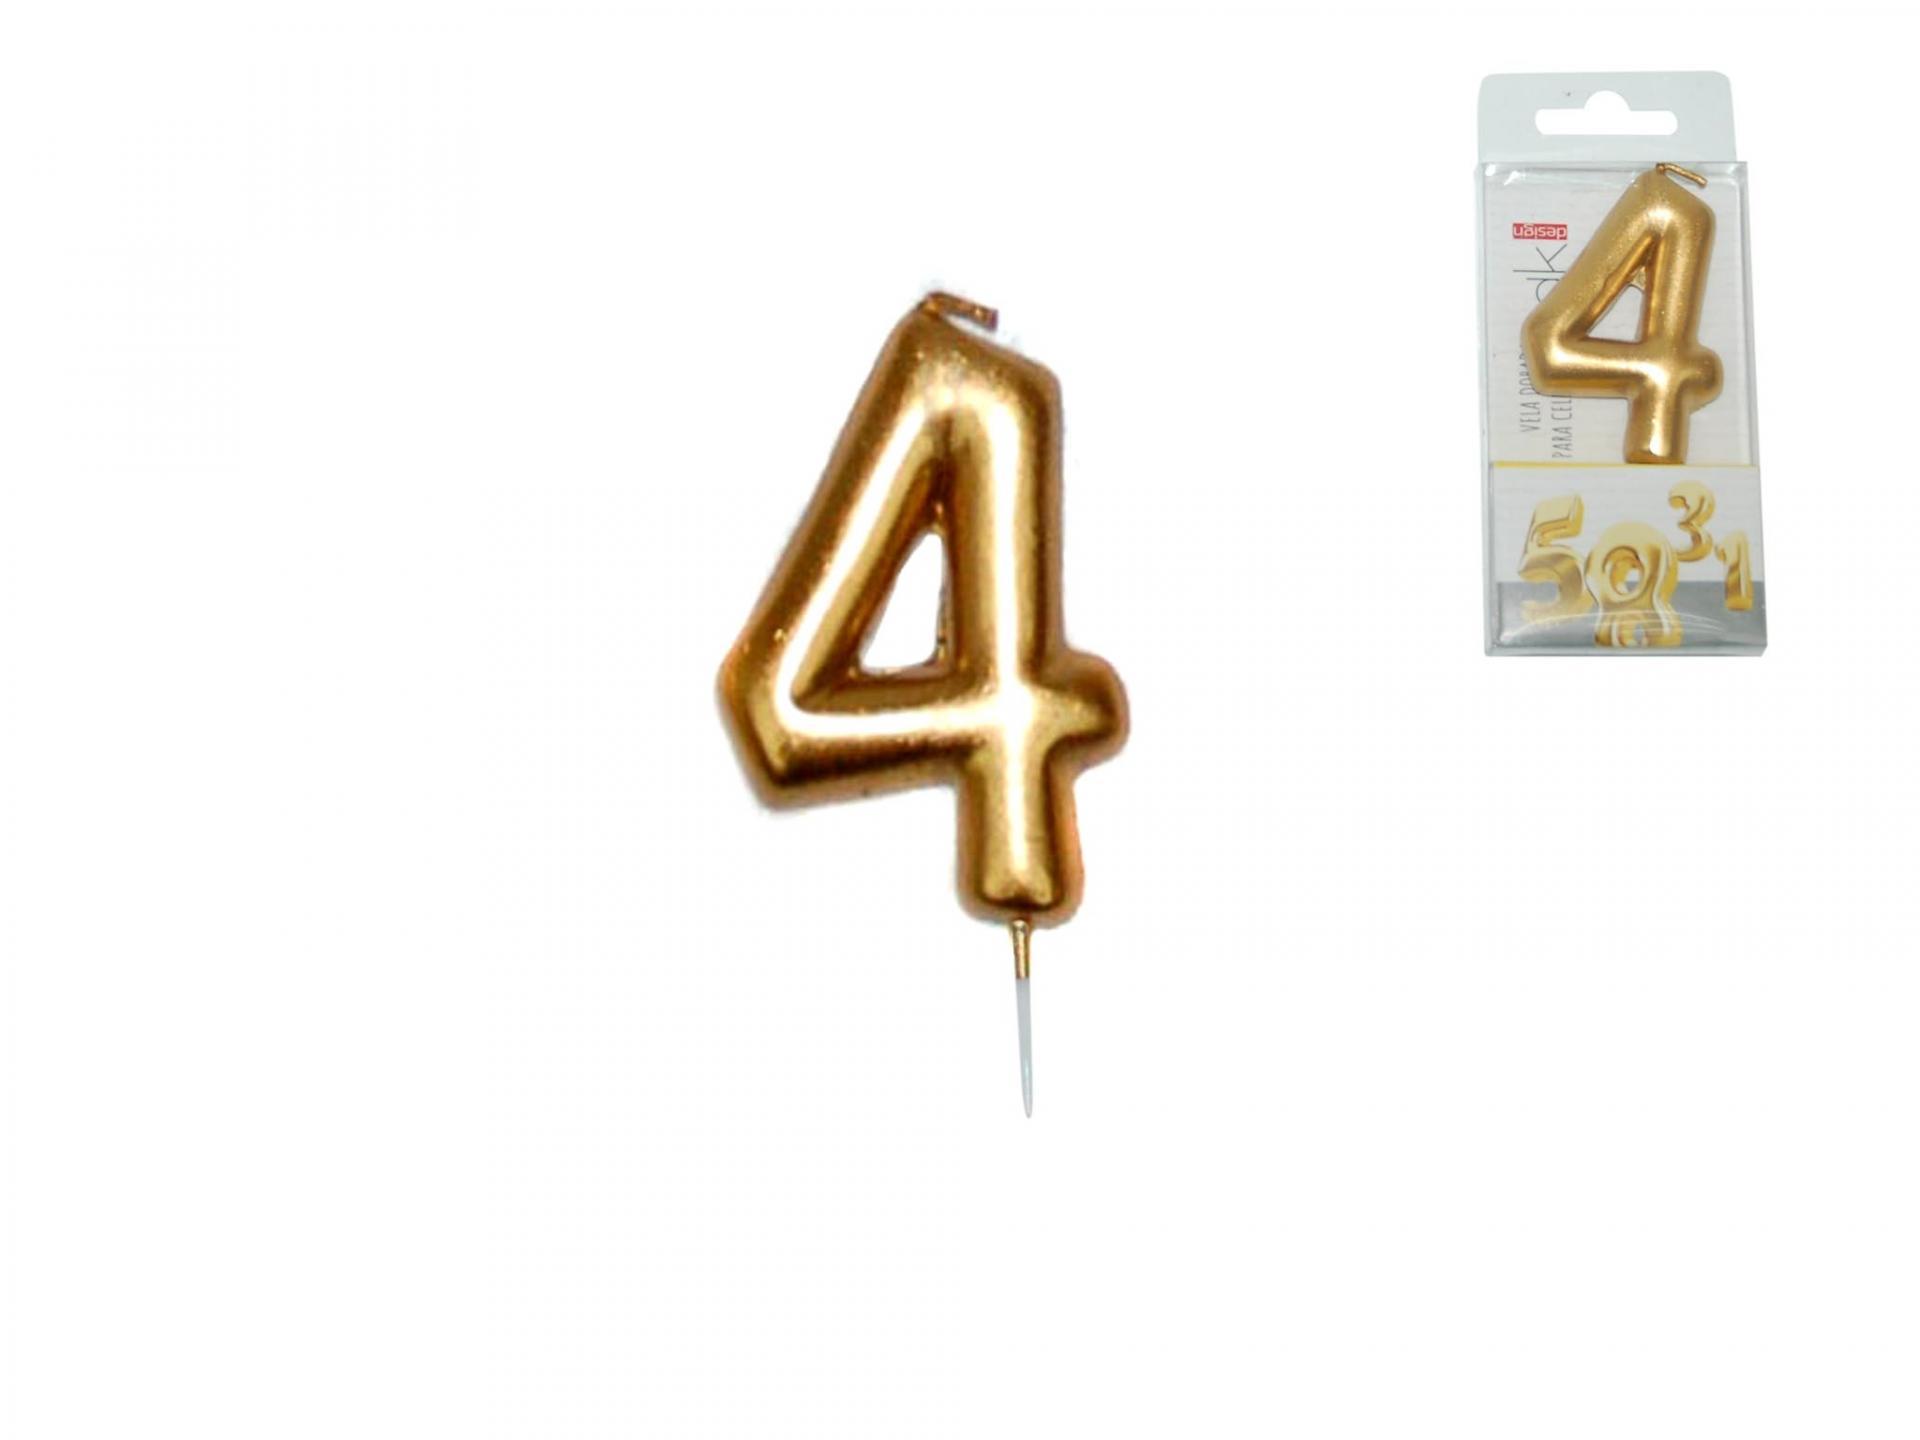 Vela dorada nº4